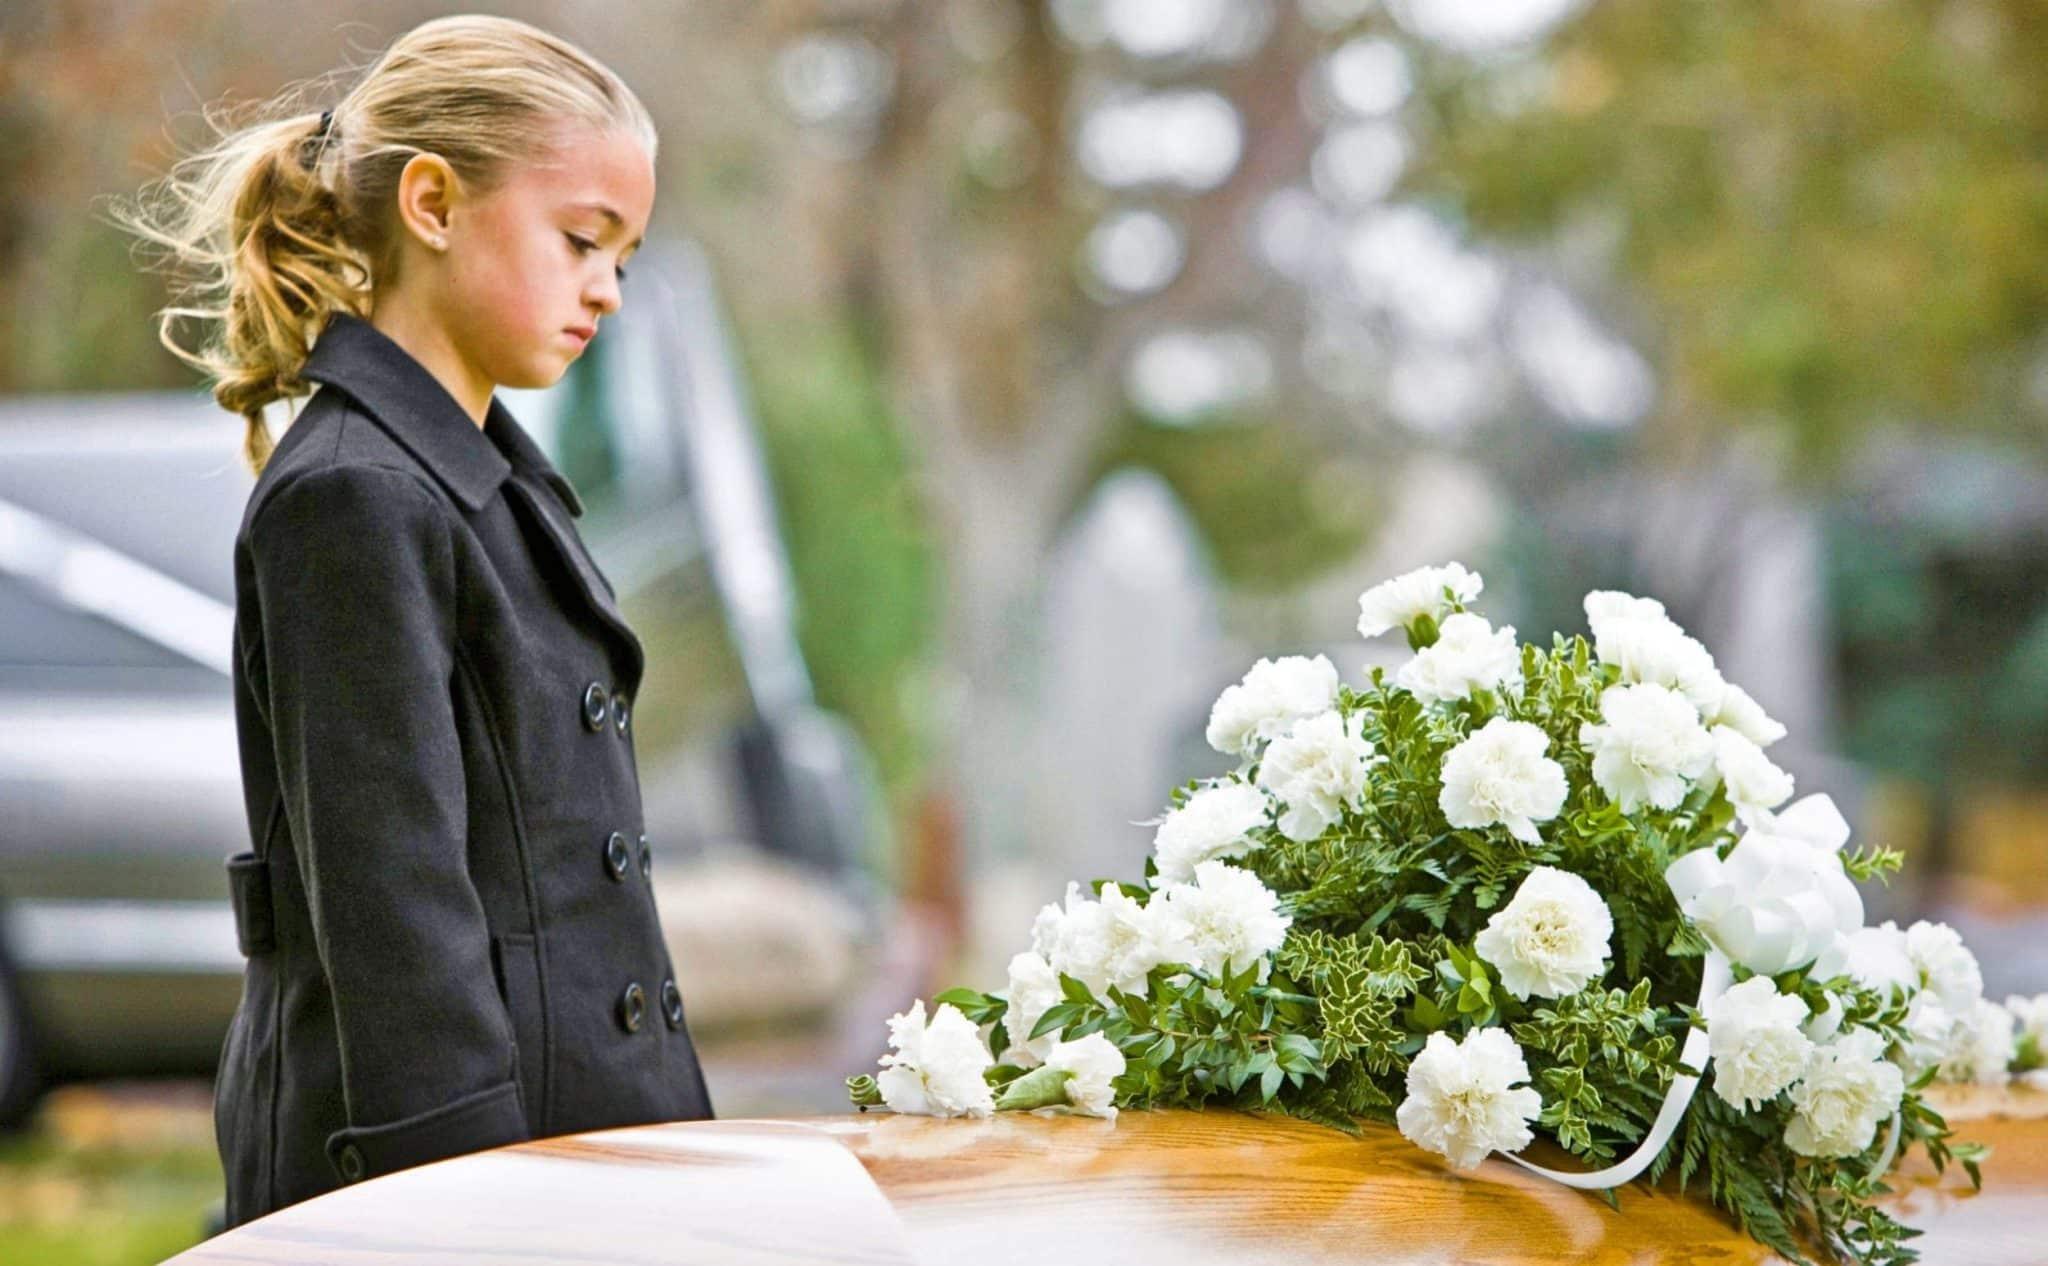 should-children-go-to-funerals